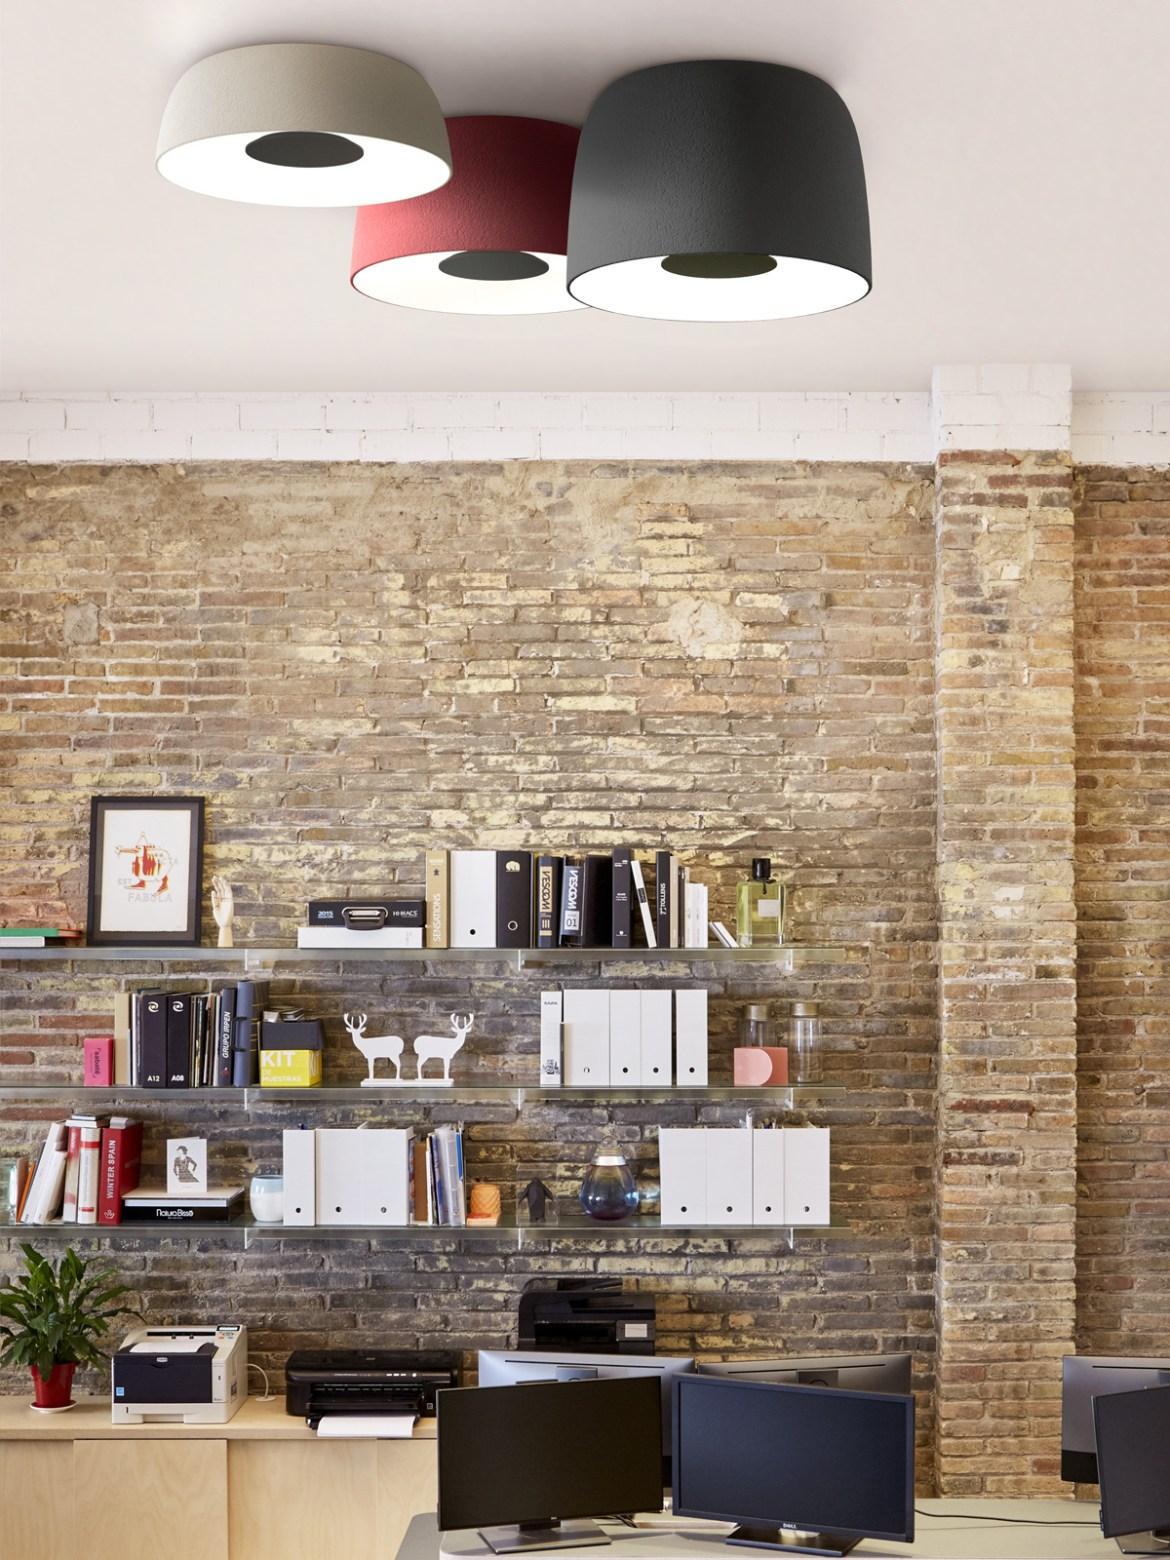 DesignOrt Blog: Trommelförmige Designerleuchten LED Deckenlampen von Marset Djembé